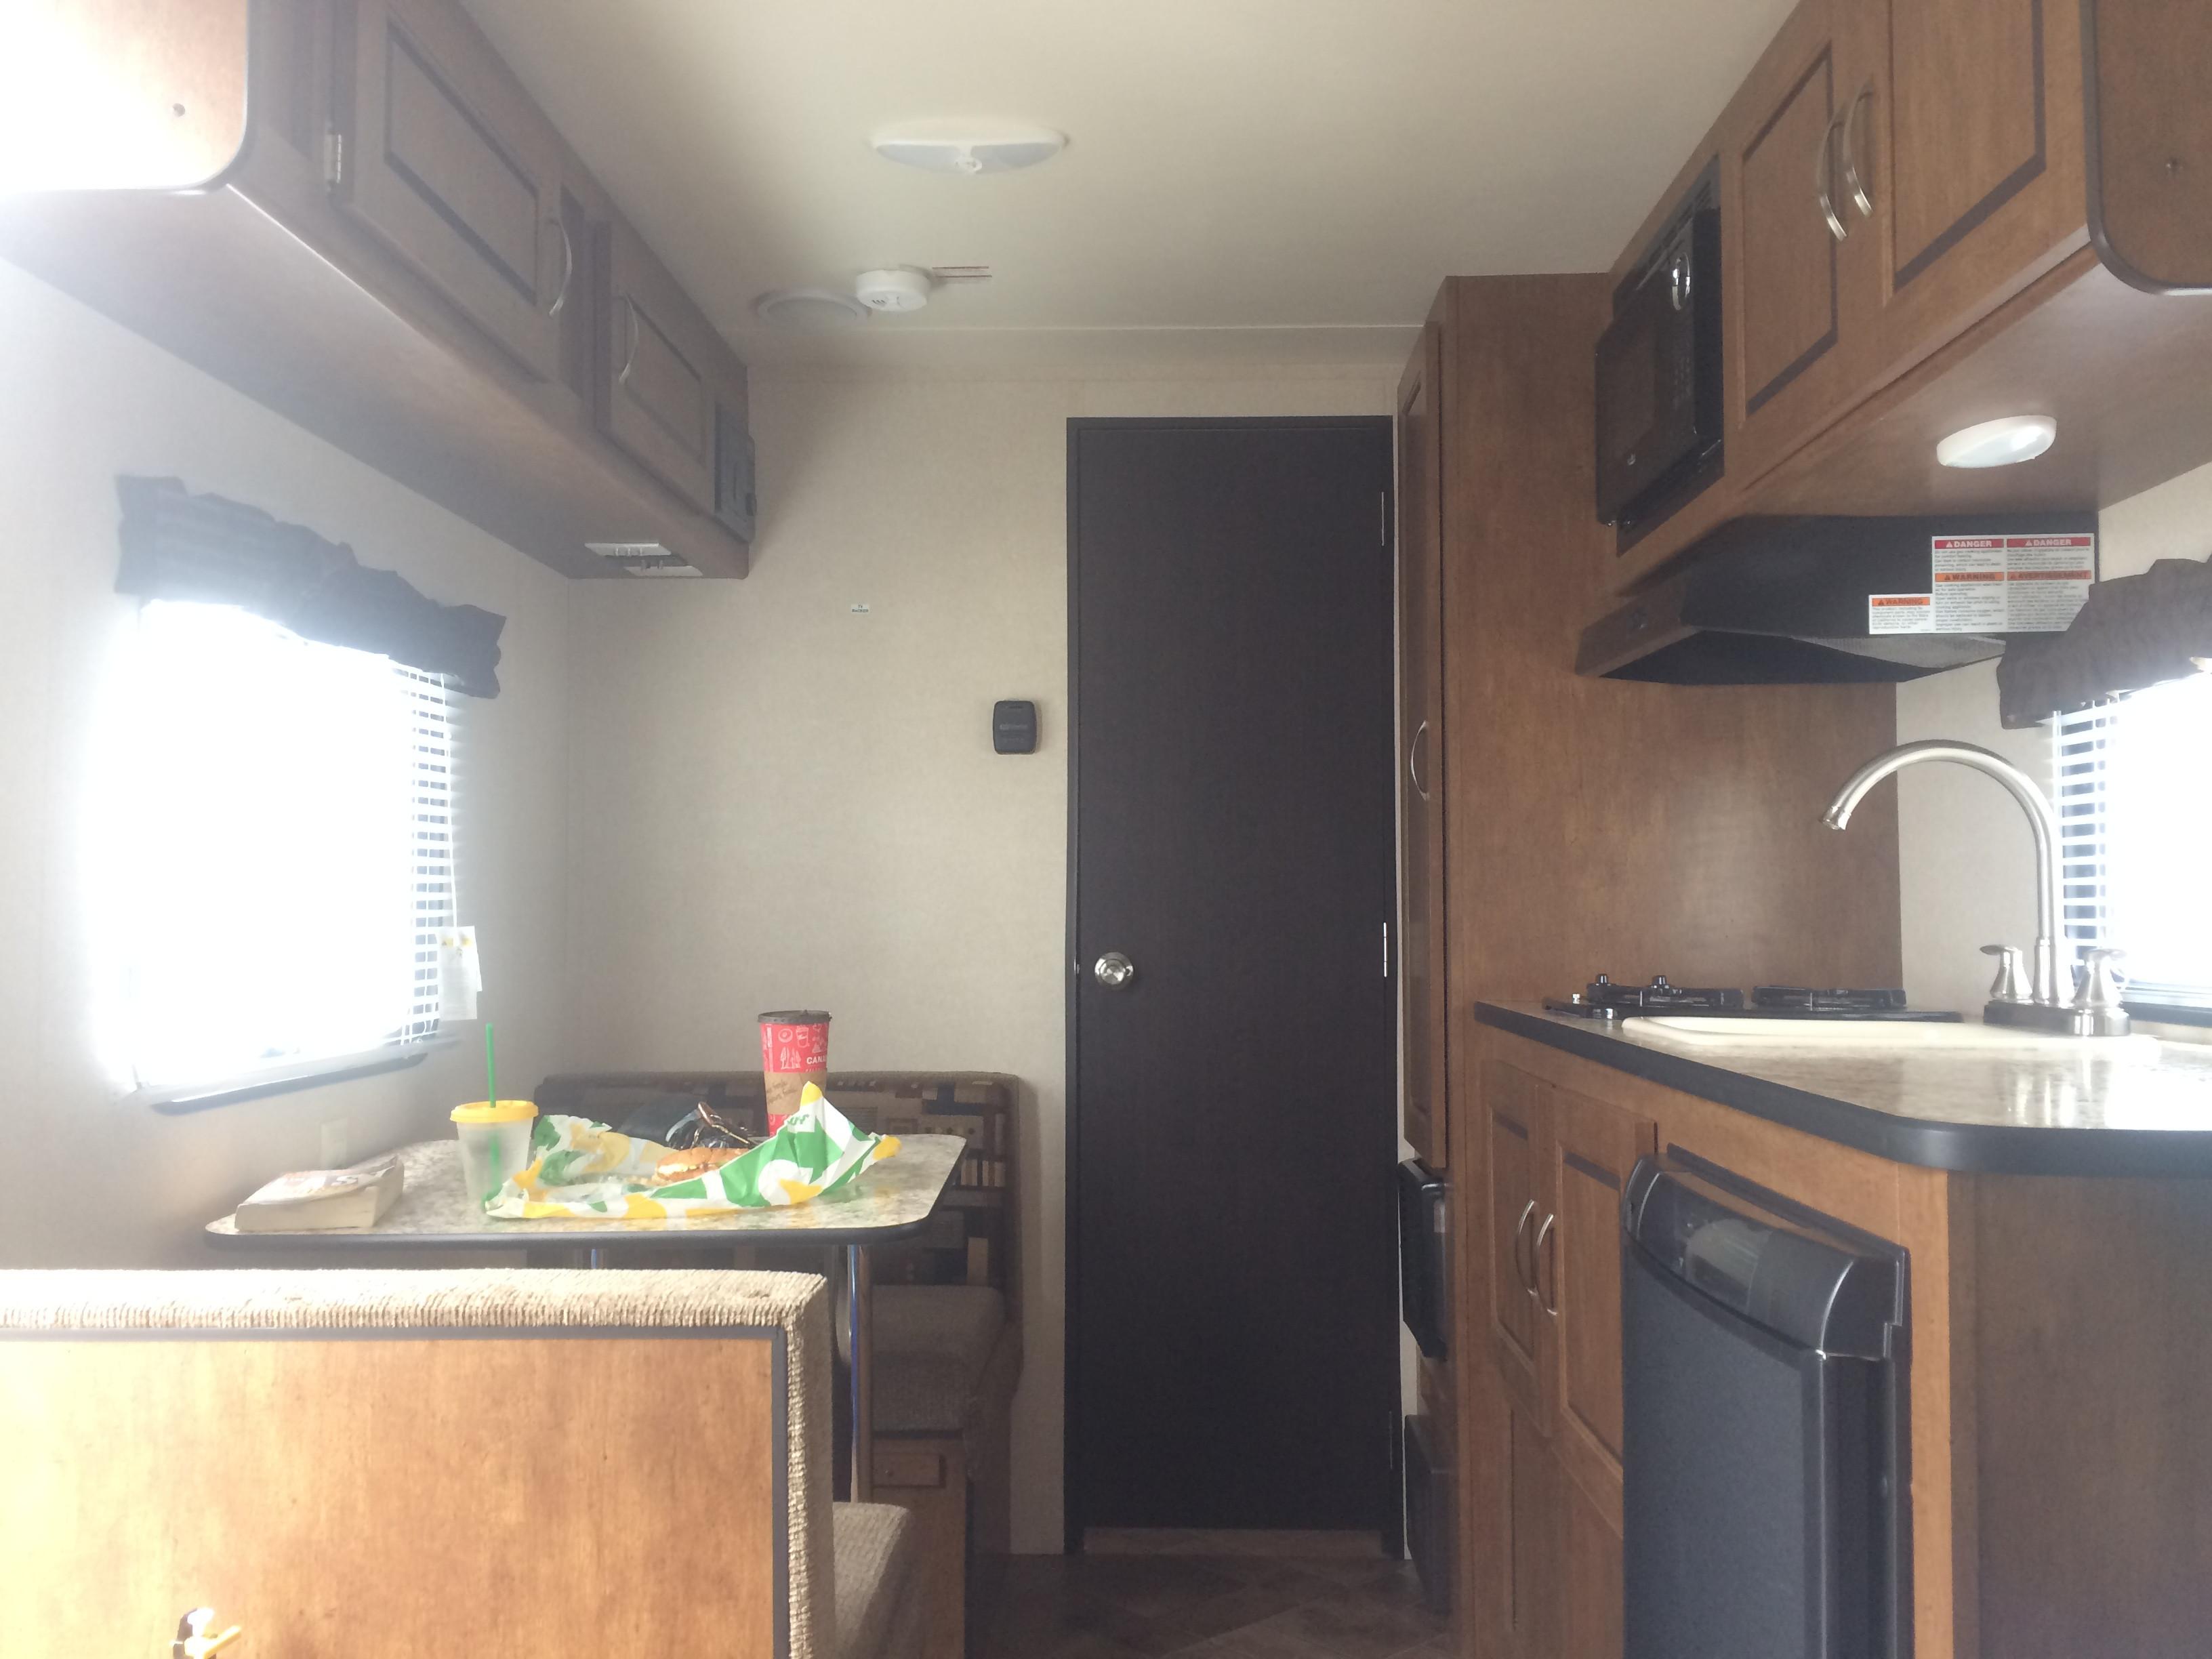 hardwood floor repair victoria bc of top 25 agassiz bc rv rentals and motorhome rentals outdoorsy inside raq34lgvpm9nx8vue311